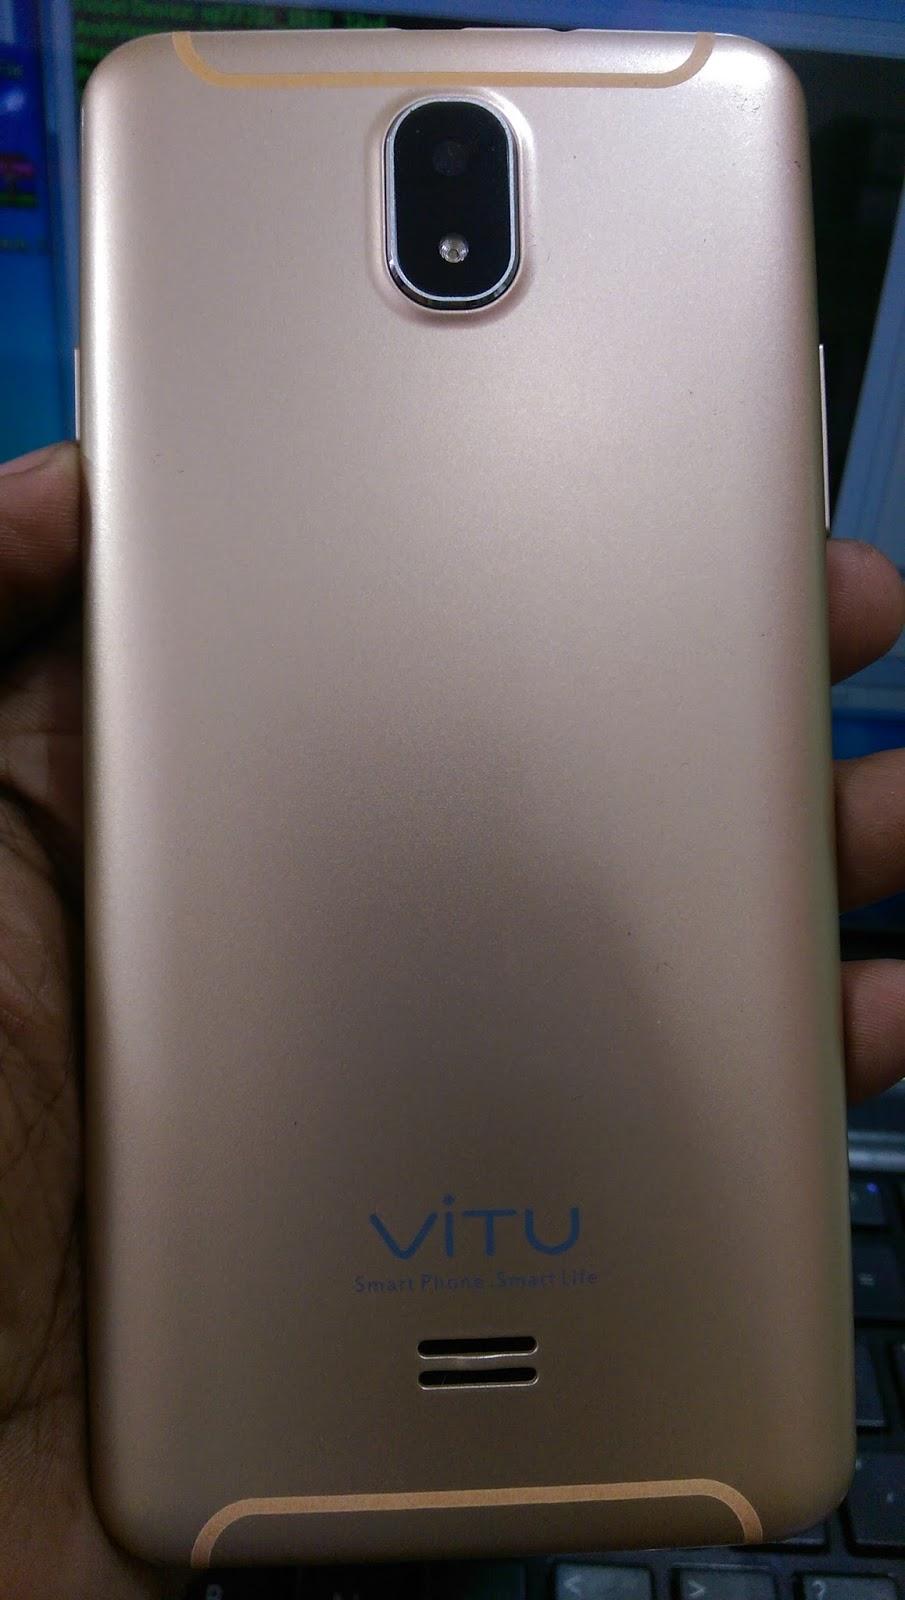 Vitu Smart Life V2 Flash File